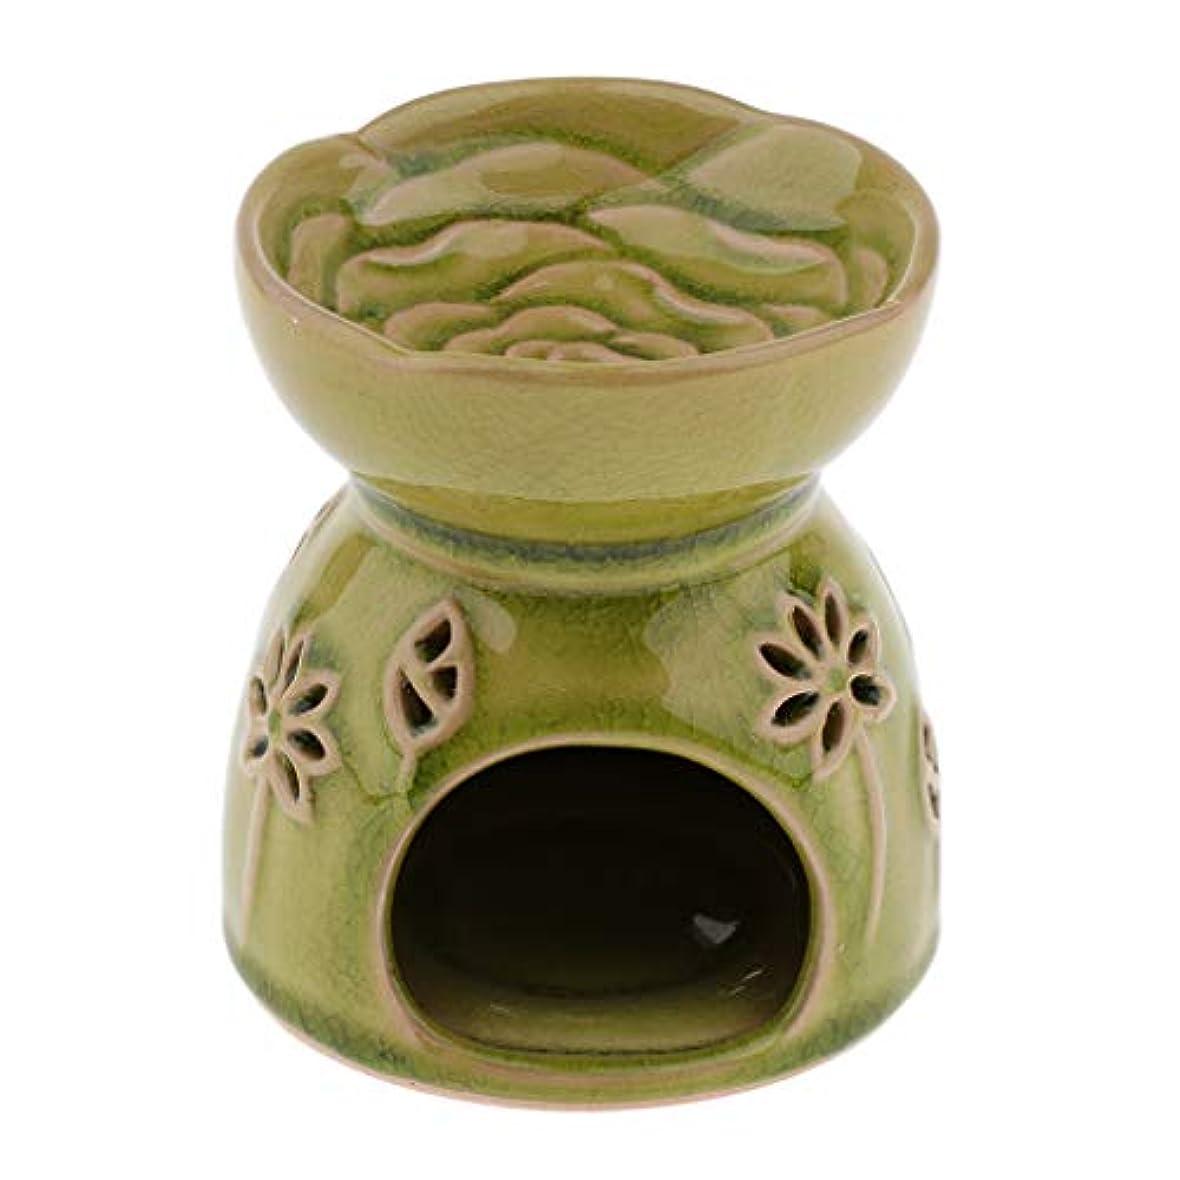 小包松特性D DOLITY アロマディフューザー エッセンシャルオイルディフューザー セラミック 装飾 贈り物 全2色 - 緑